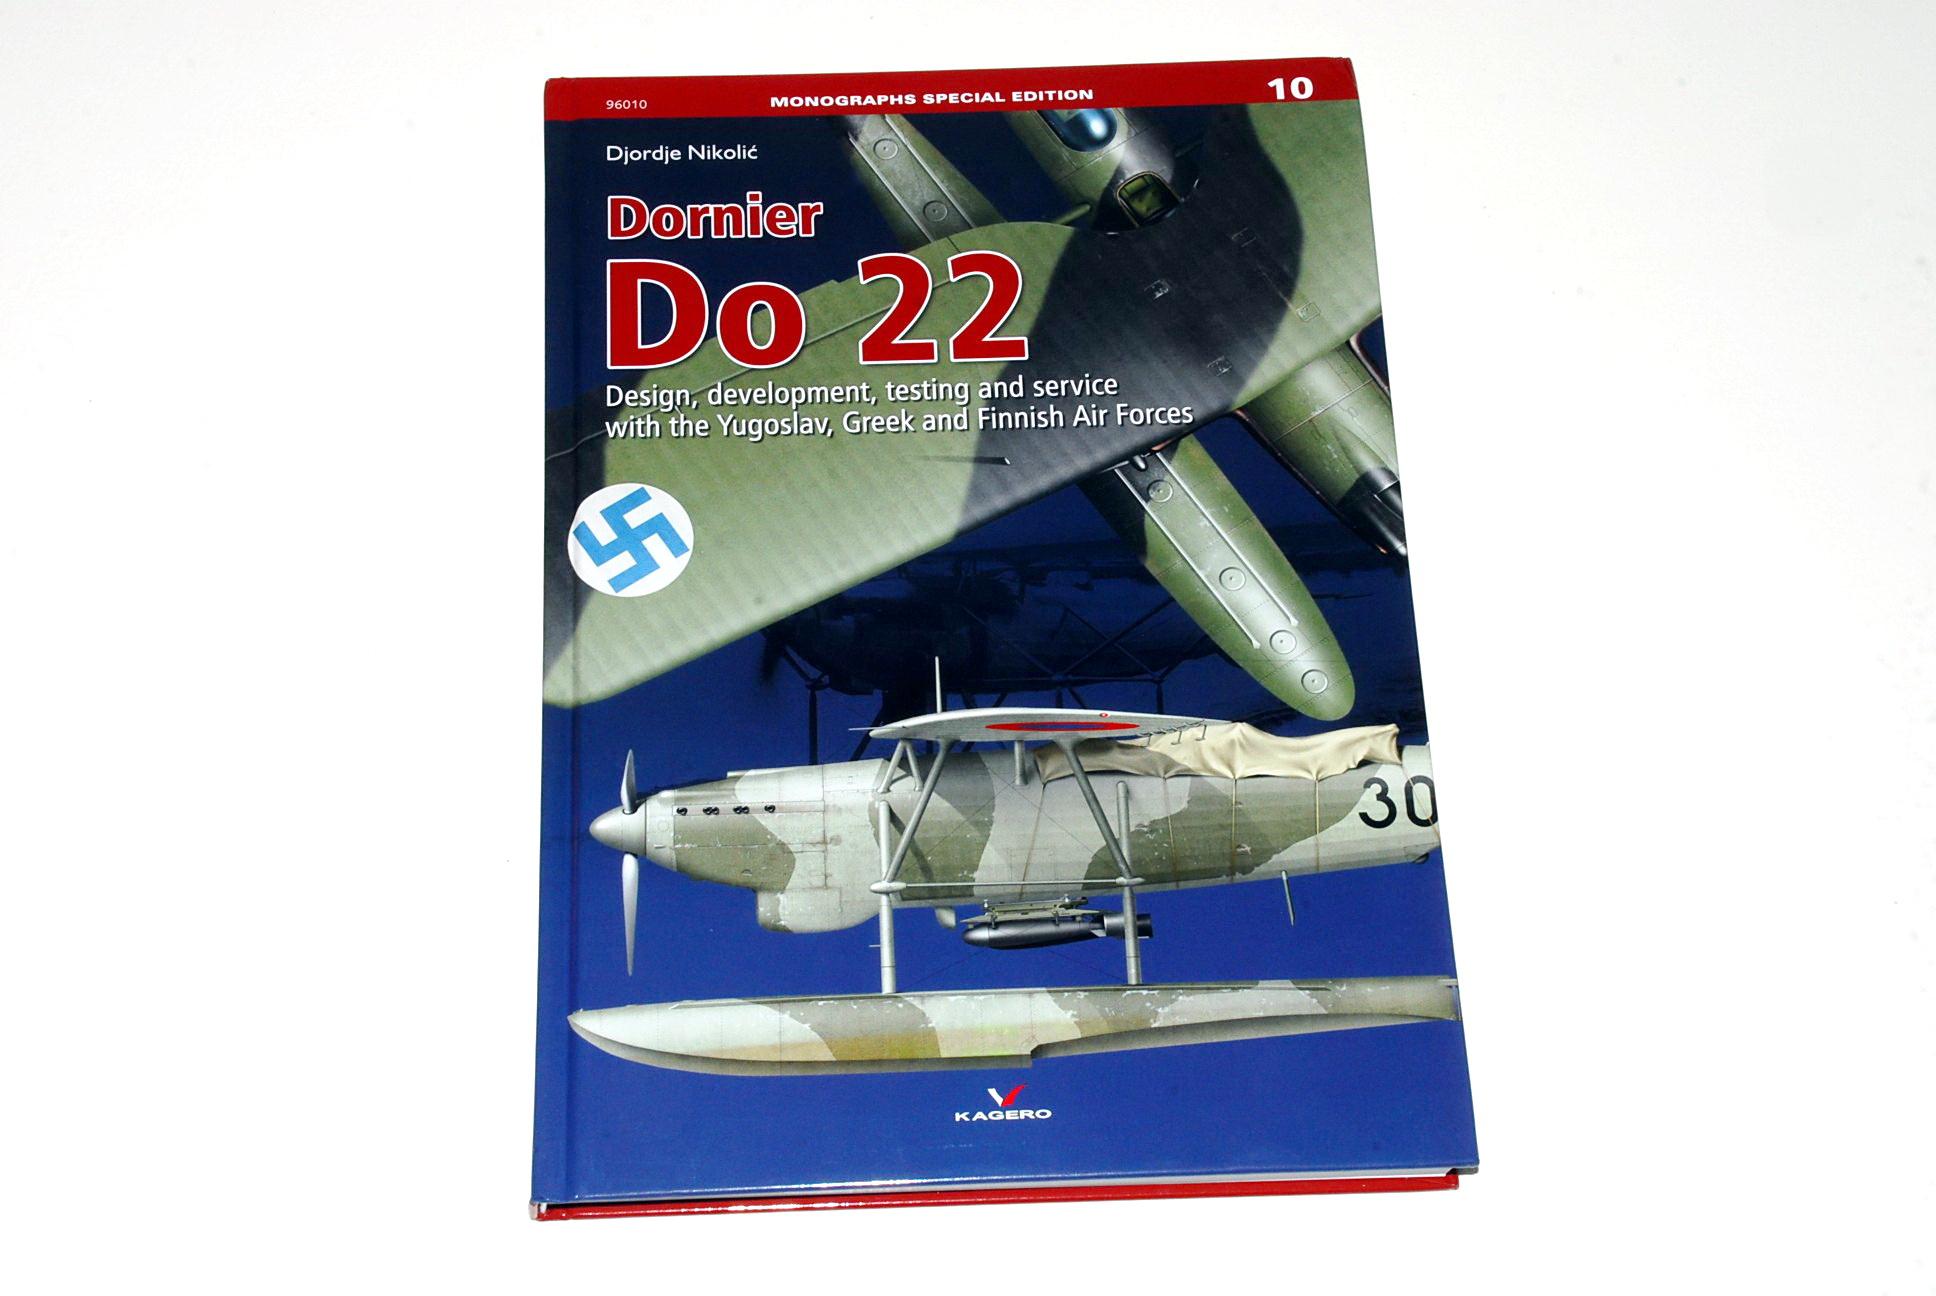 Dornier Do22 by Djordje Nicolic (Kagero)